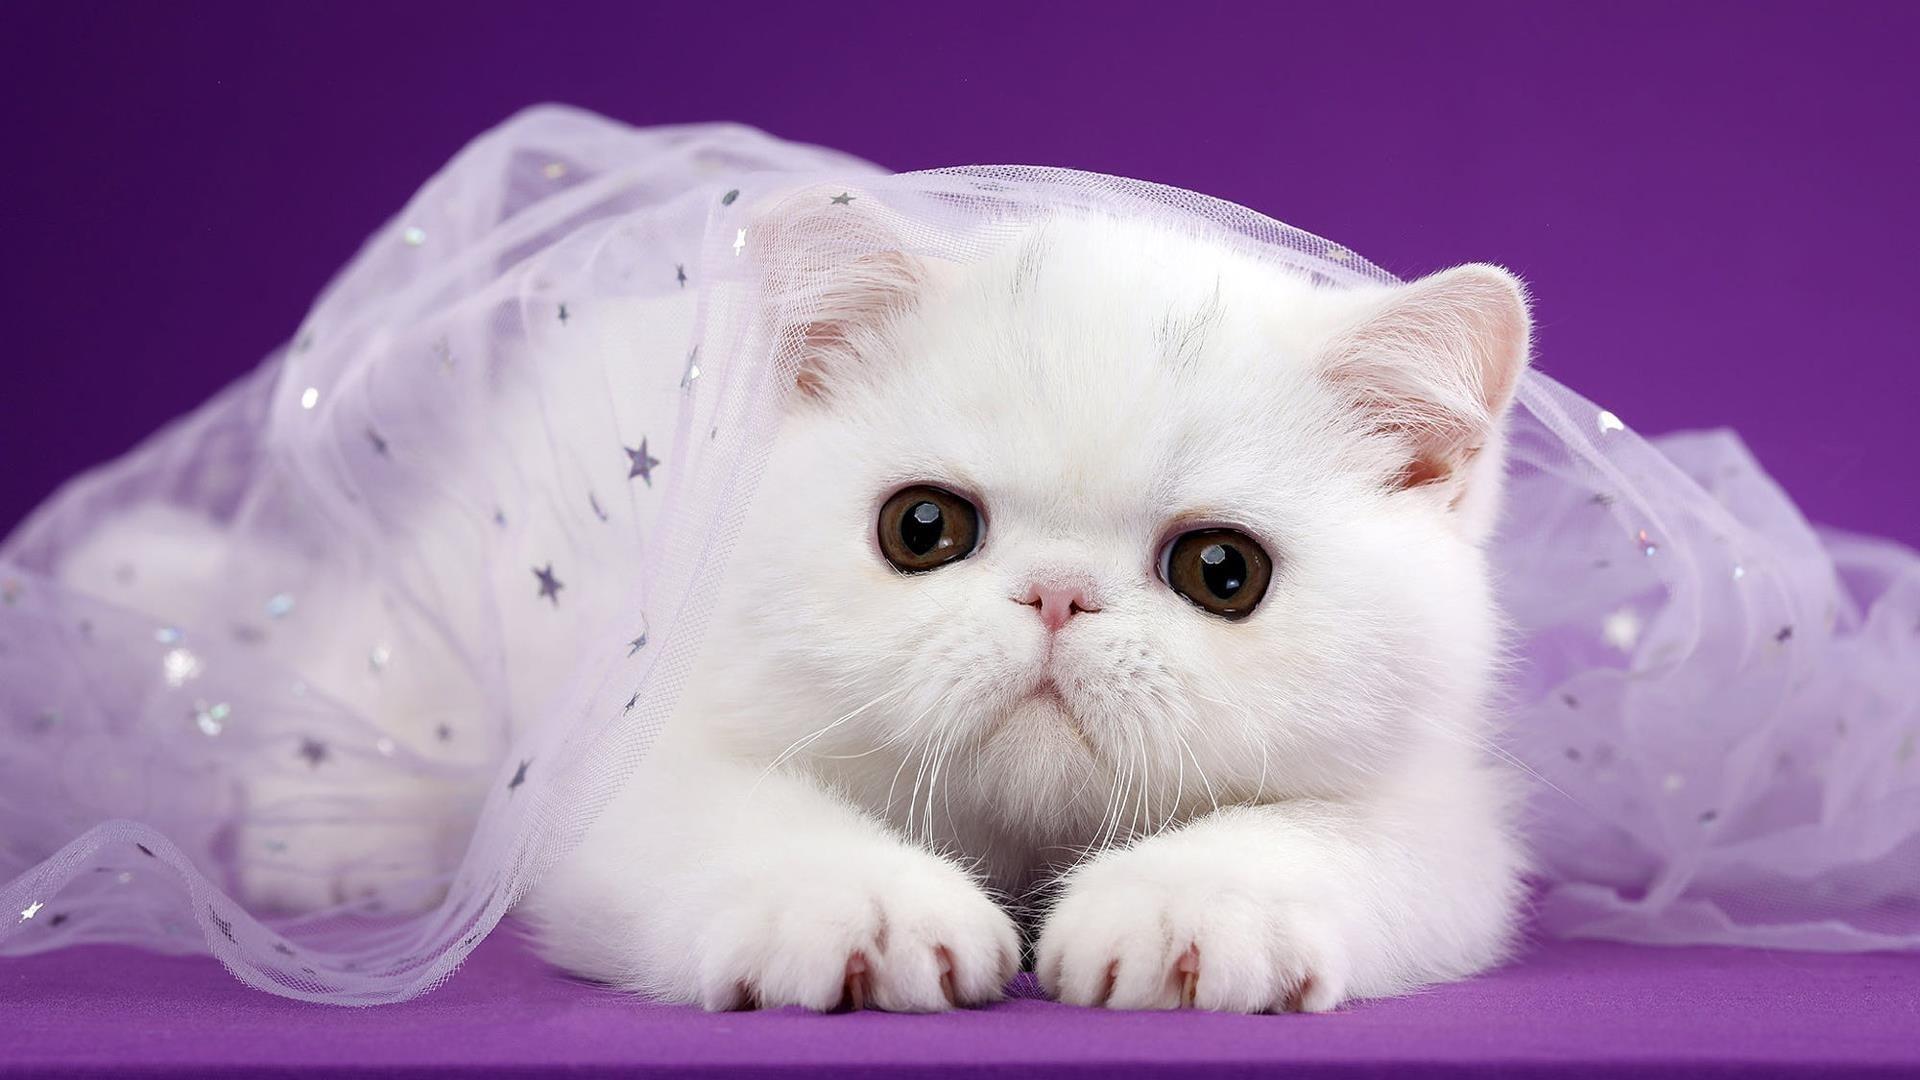 Симпатичная белая кошка покрыта белым сетчатым платьем на темно-фиолетовом фоне животных обои скачать